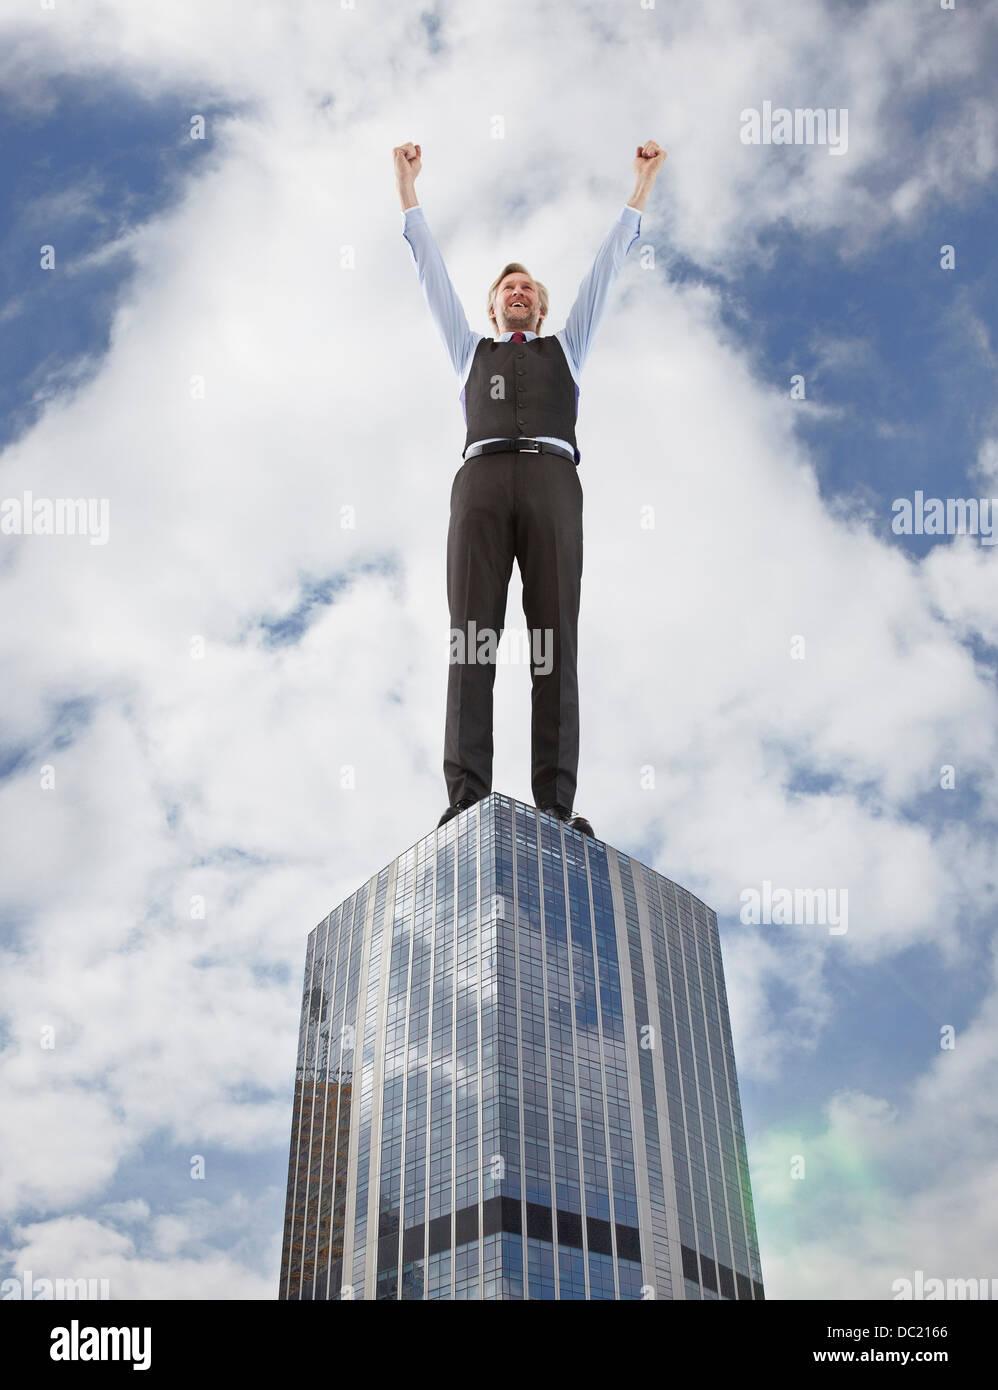 Empresario sobredimensionado vítores en rascacielos, bajo ángulo de visión Imagen De Stock